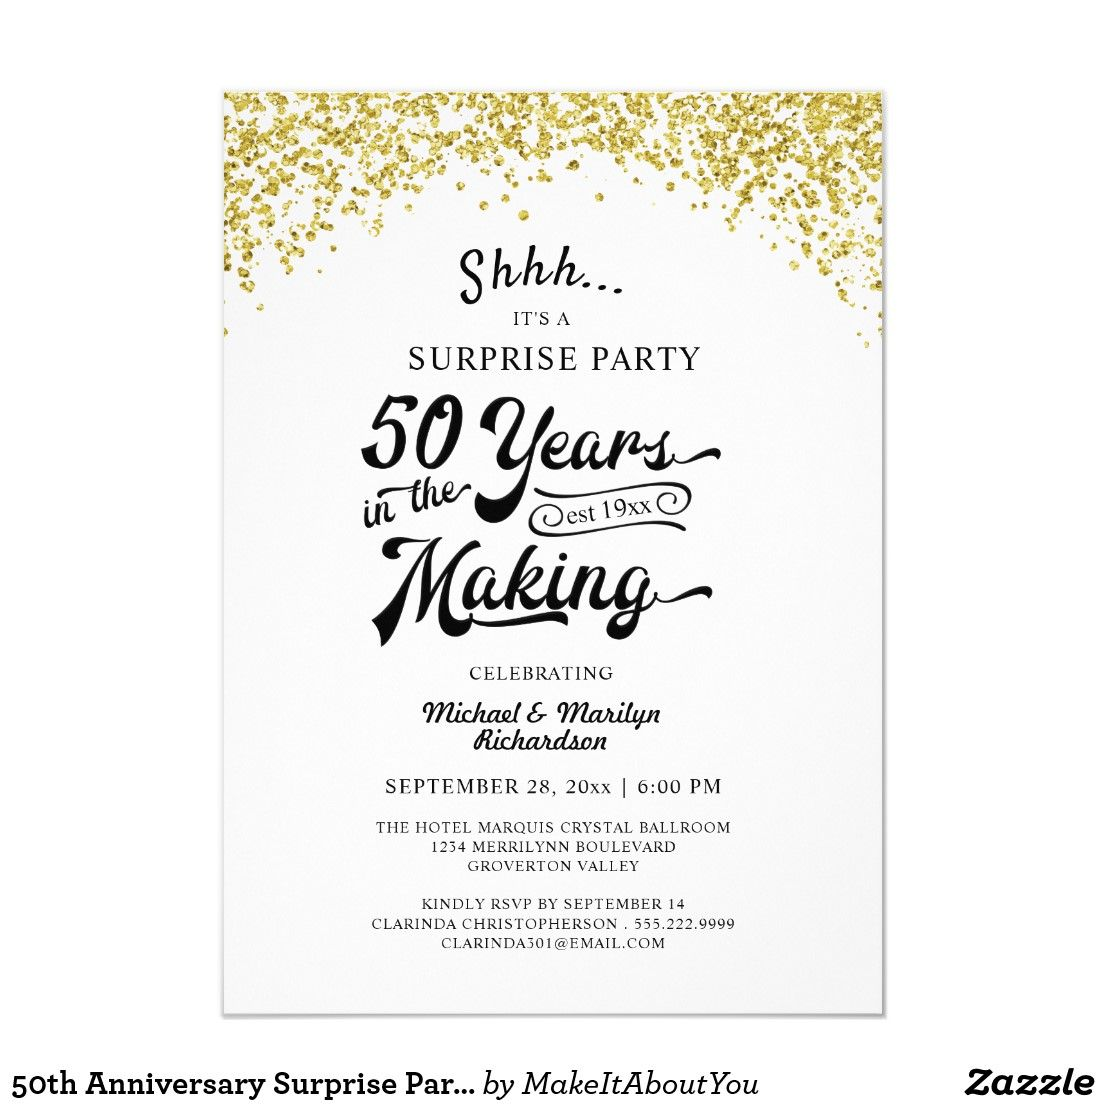 50th Anniversary Surprise Party Gold Confetti Invitation Zazzle Com Confetti Invitation 50th Anniversary Invitations Anniversary Surprise